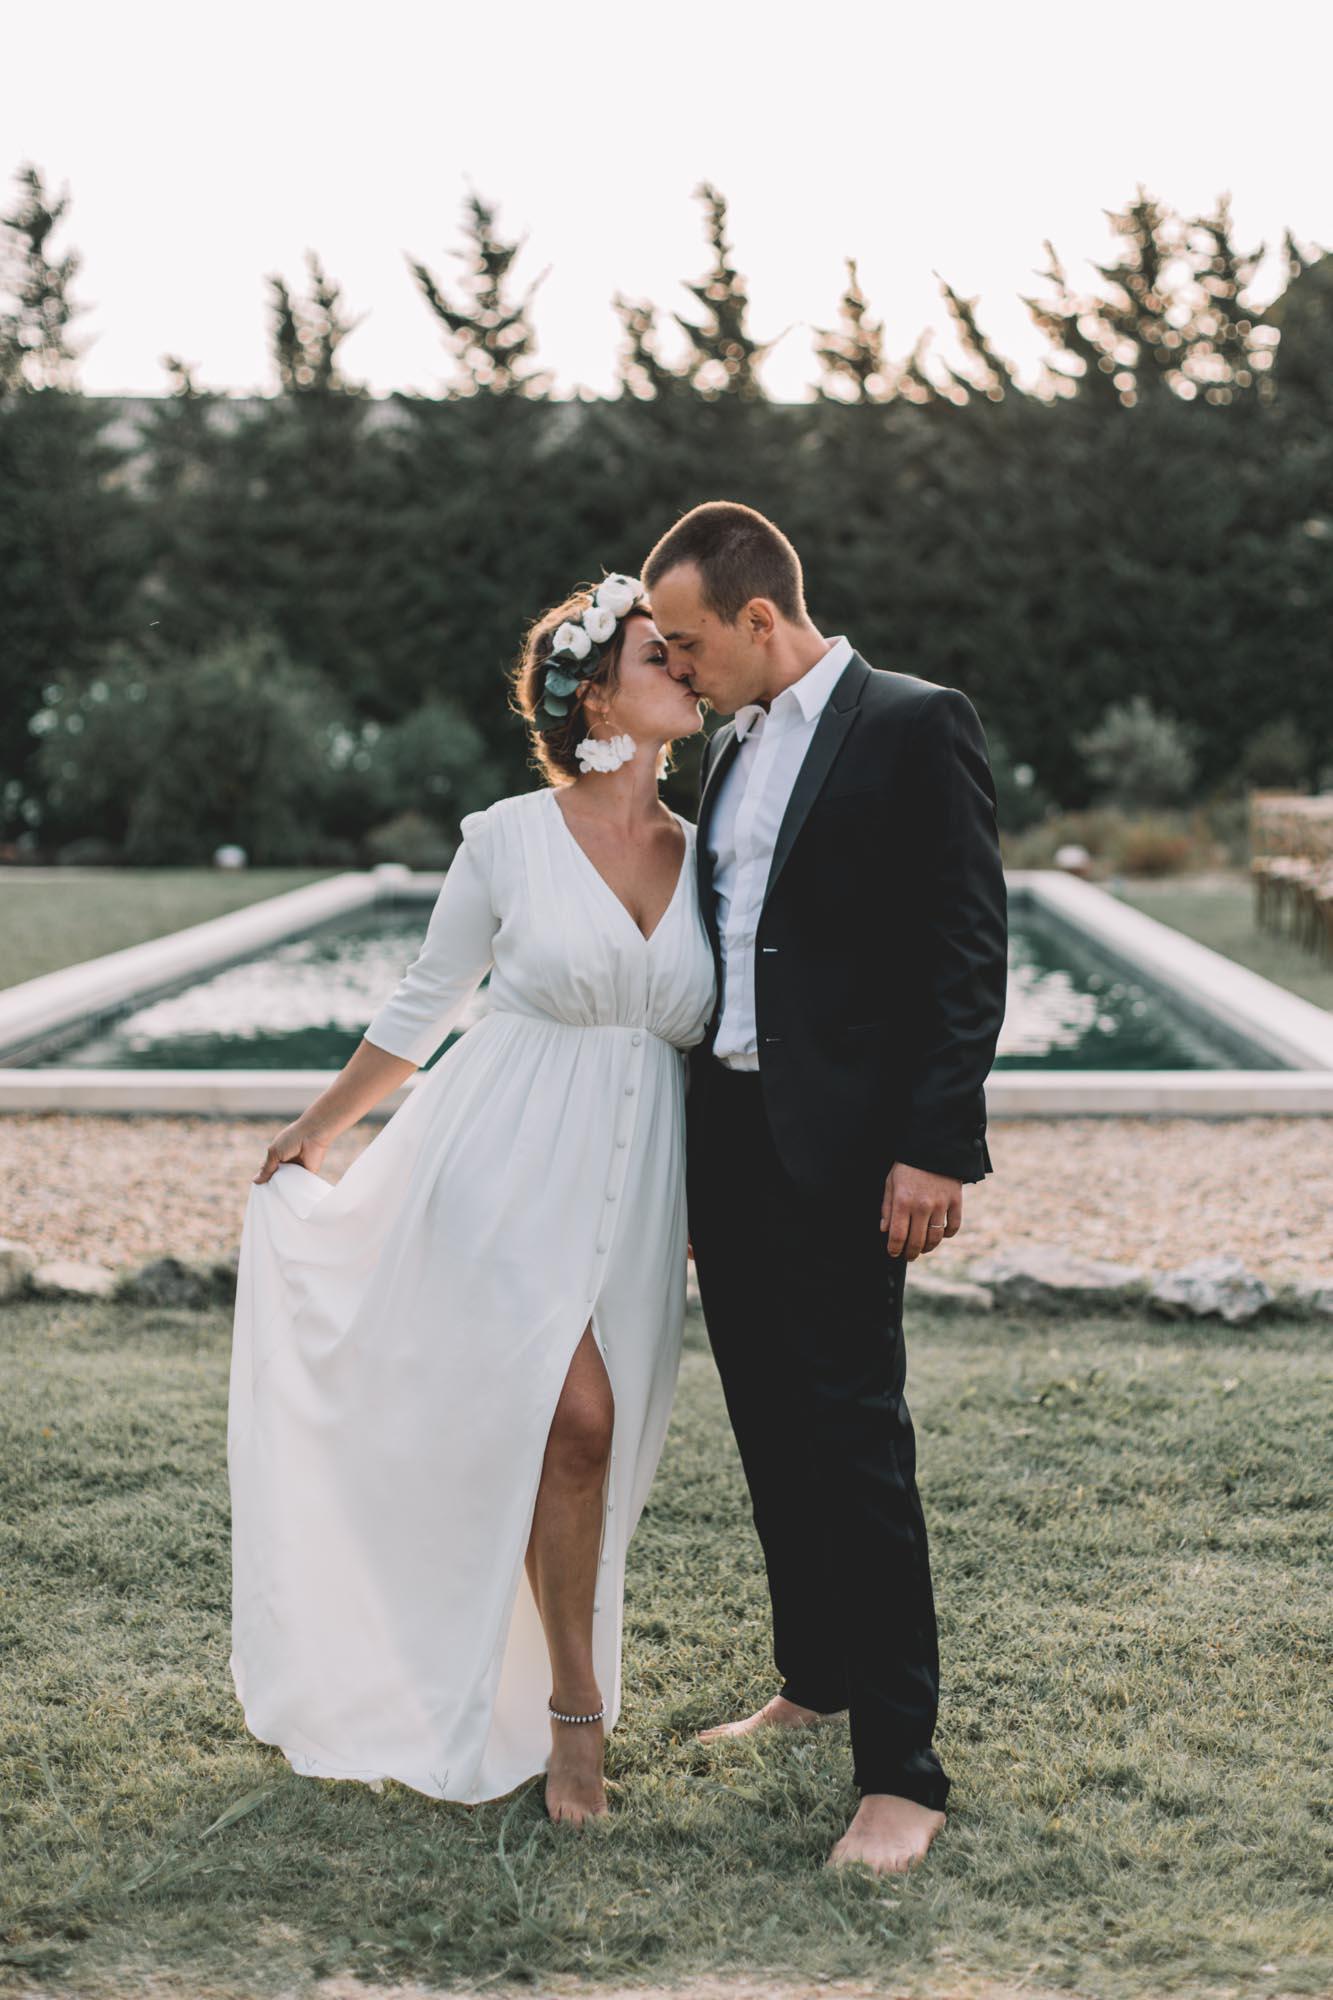 ALICE+CLEMENT_LE PETIT ROULET_PHOTOGRAPHE_MARIAGE_LES BANDITS-31